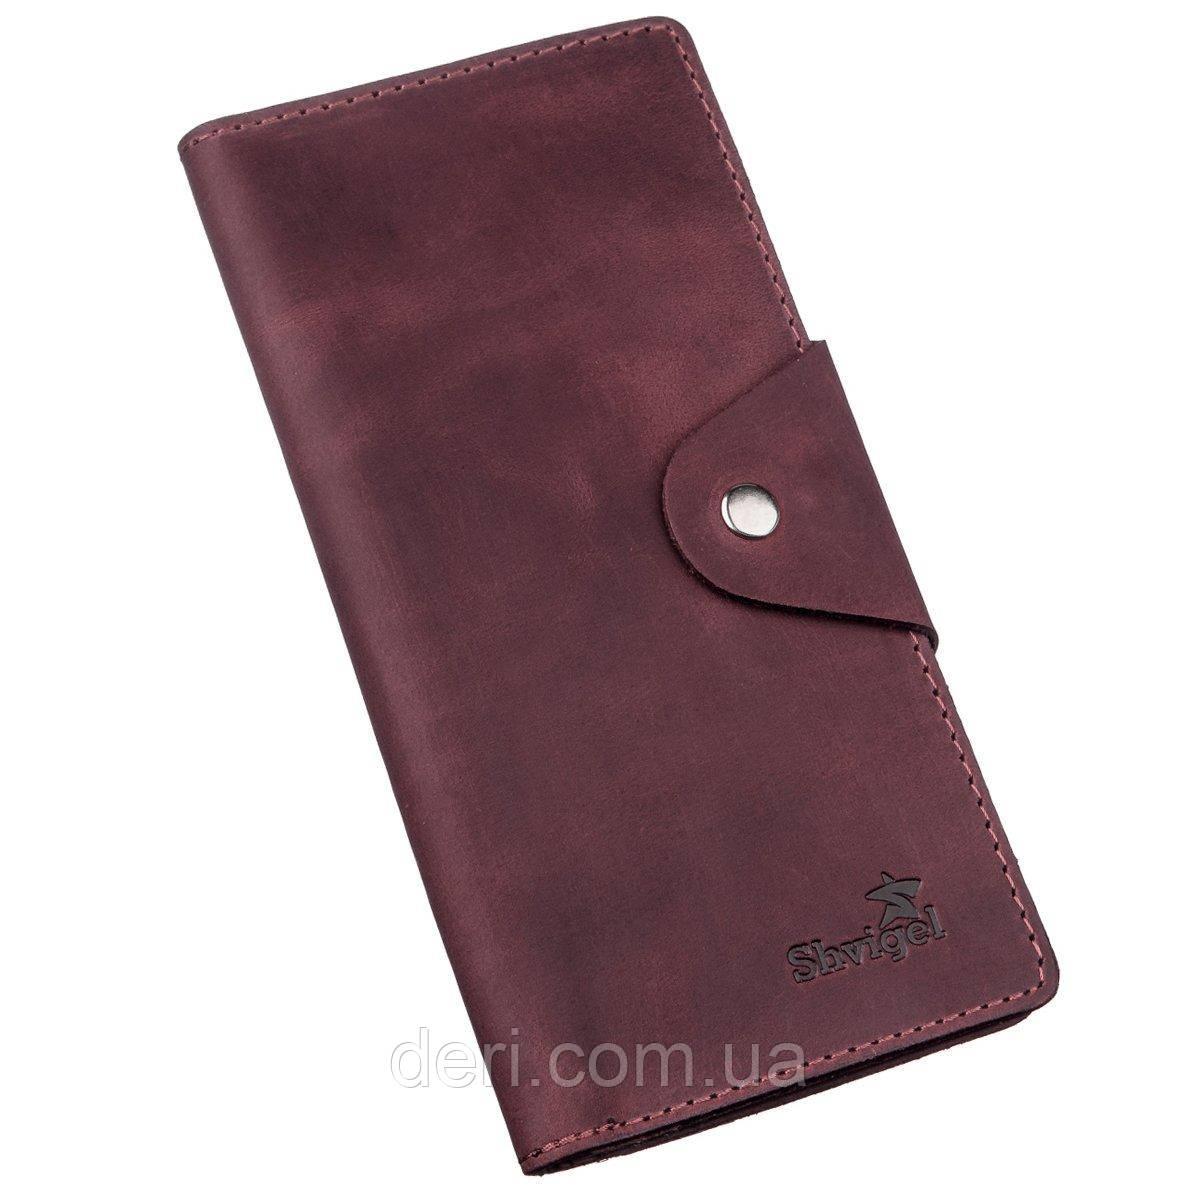 Бумажник женский вертикальный из винтажной кожи на кнопках бордовый